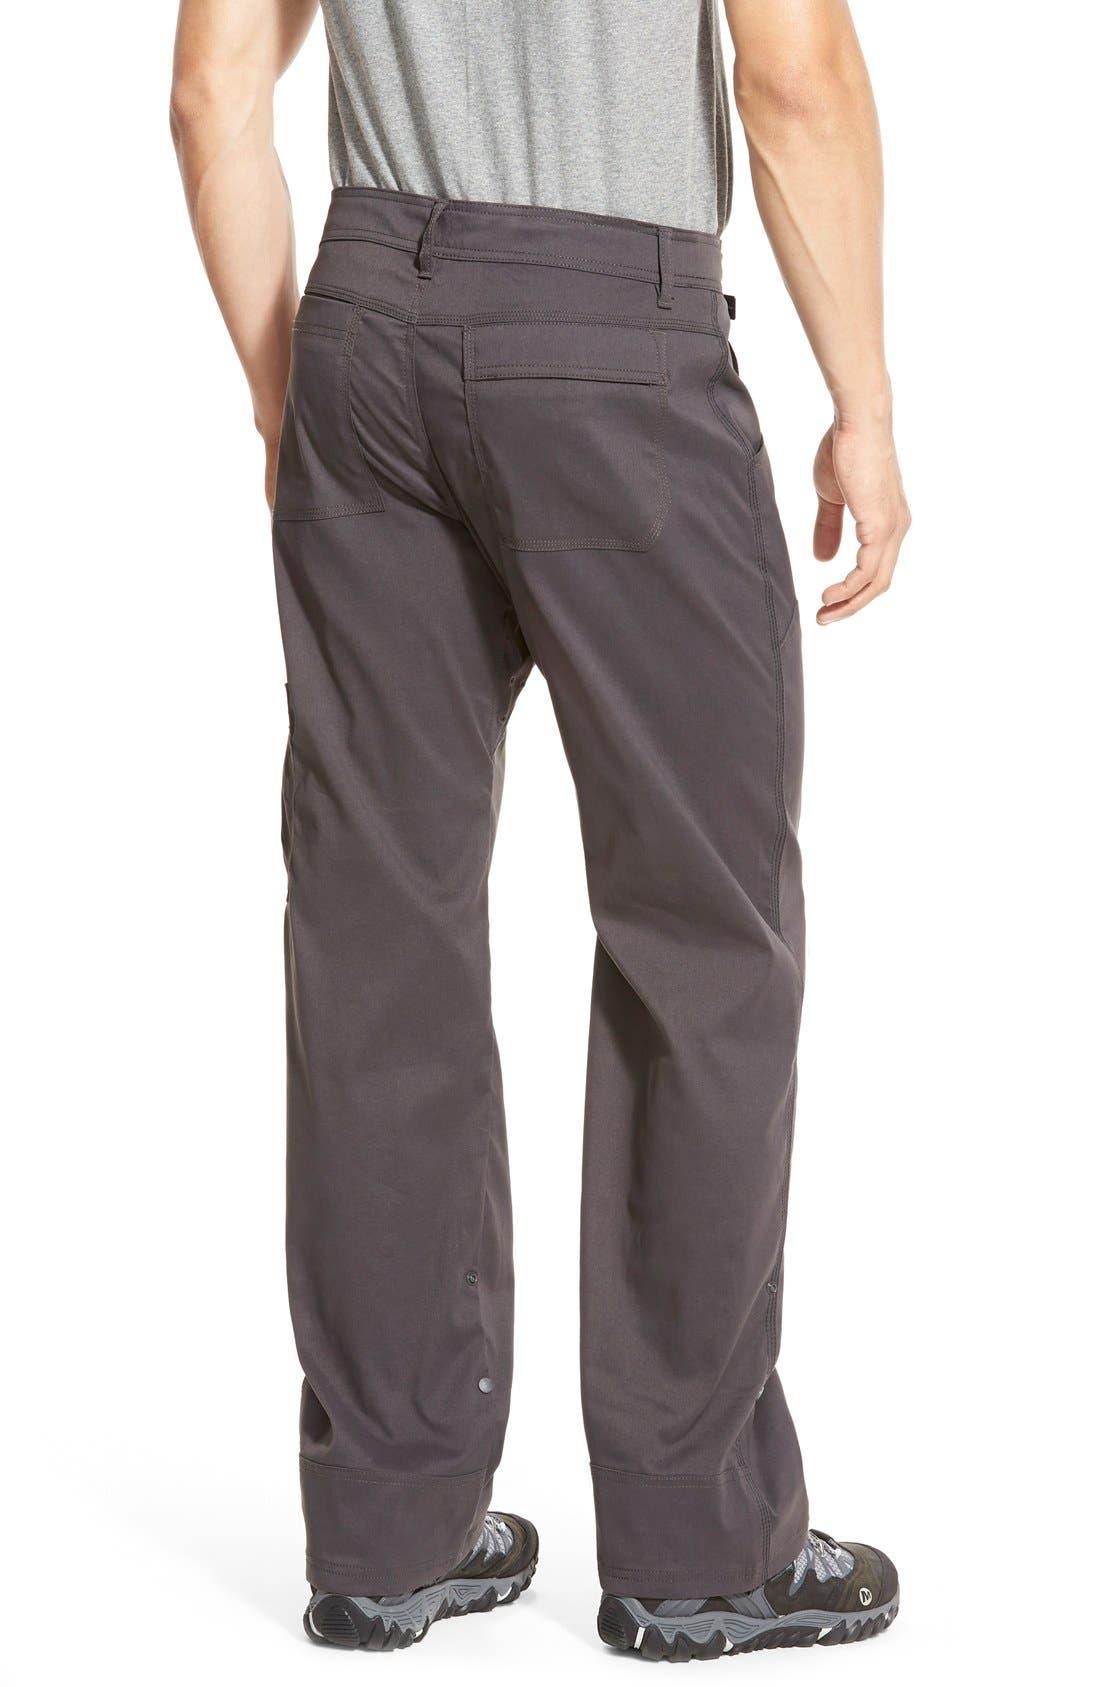 Zion Stretch Pants,                             Alternate thumbnail 3, color,